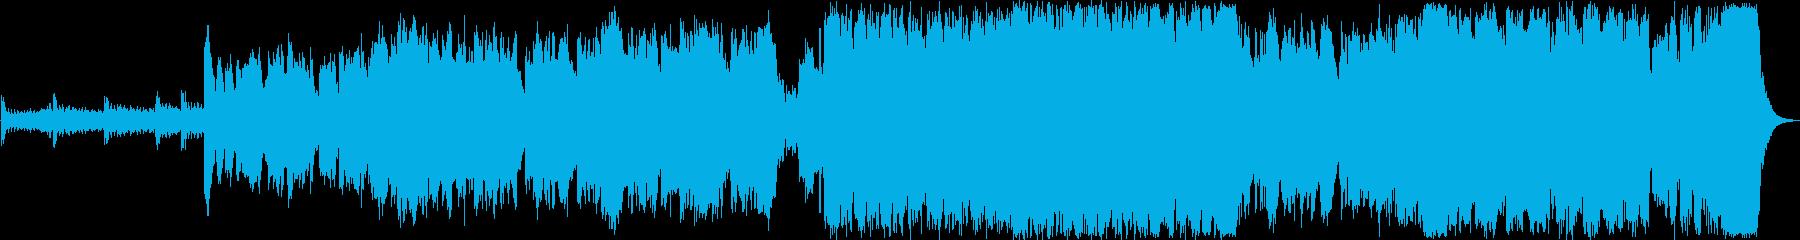 かっこいい勇敢なシンフォニックBGMの再生済みの波形